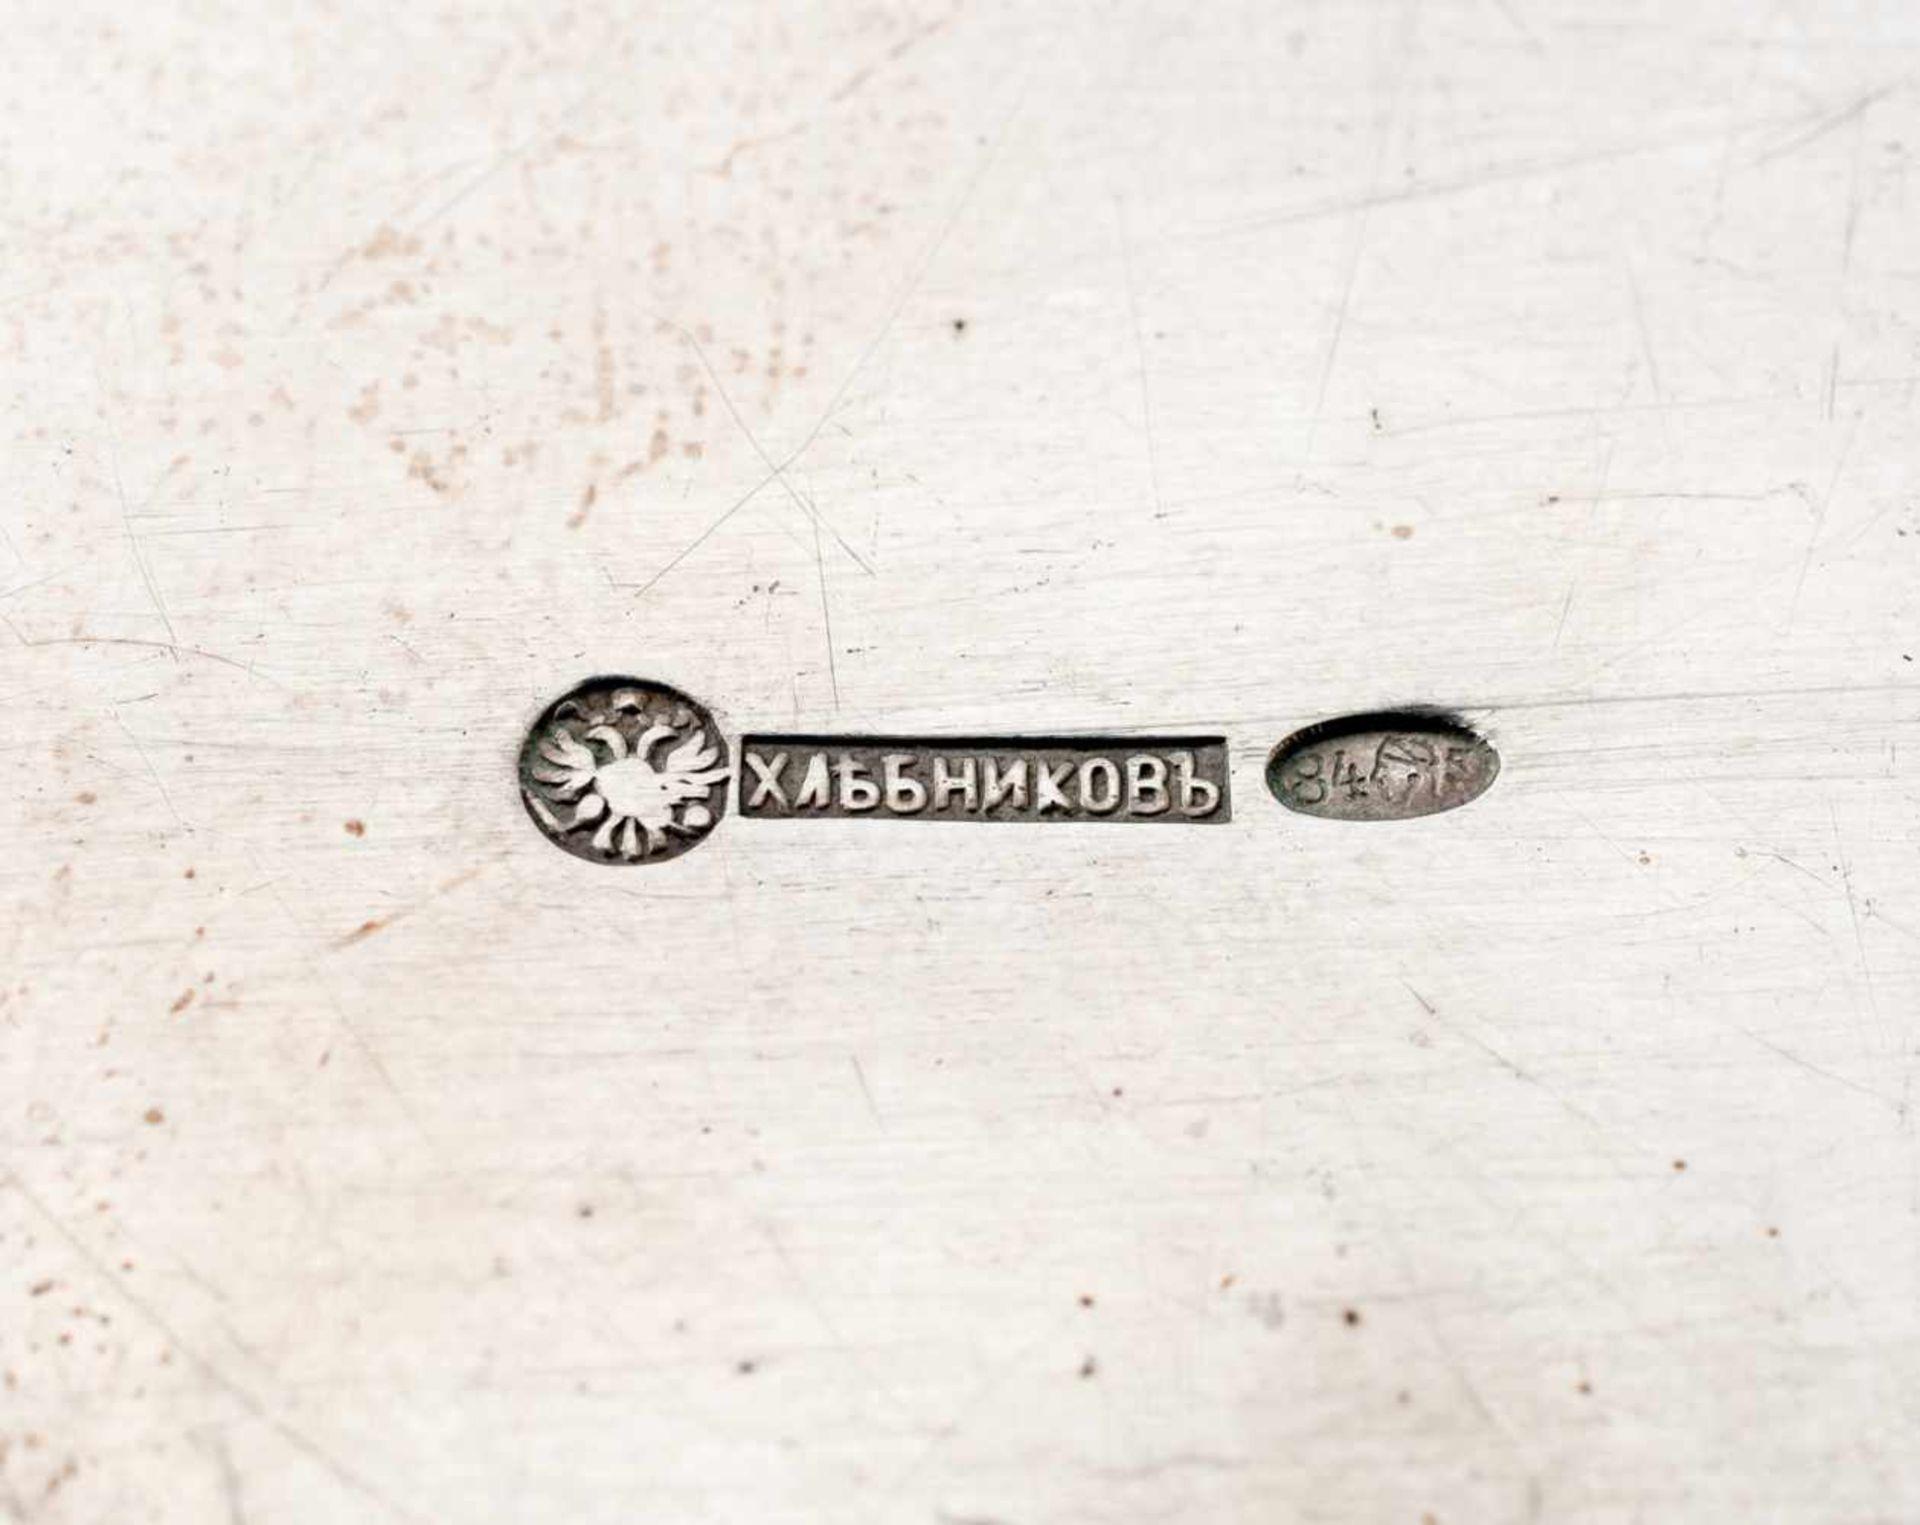 Henkelschale Russland, Silber (140g), Moskau 1904 Beschaumeister: I. Lebedkin Meister: Chlebnikov - Bild 2 aus 3